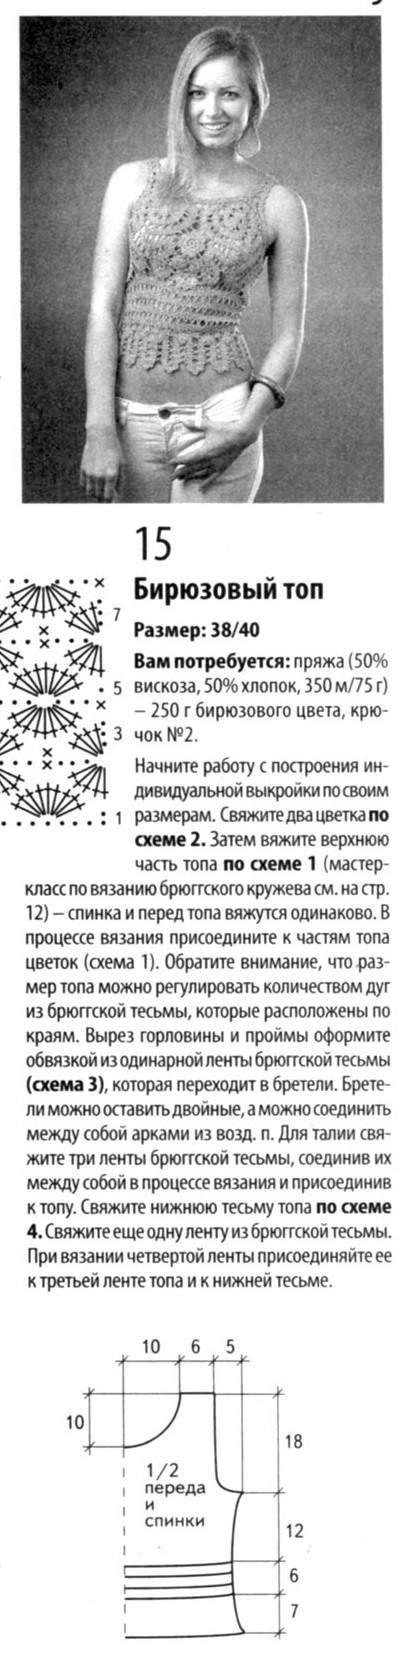 0829_ВяжемКрюч5_2012 (16)